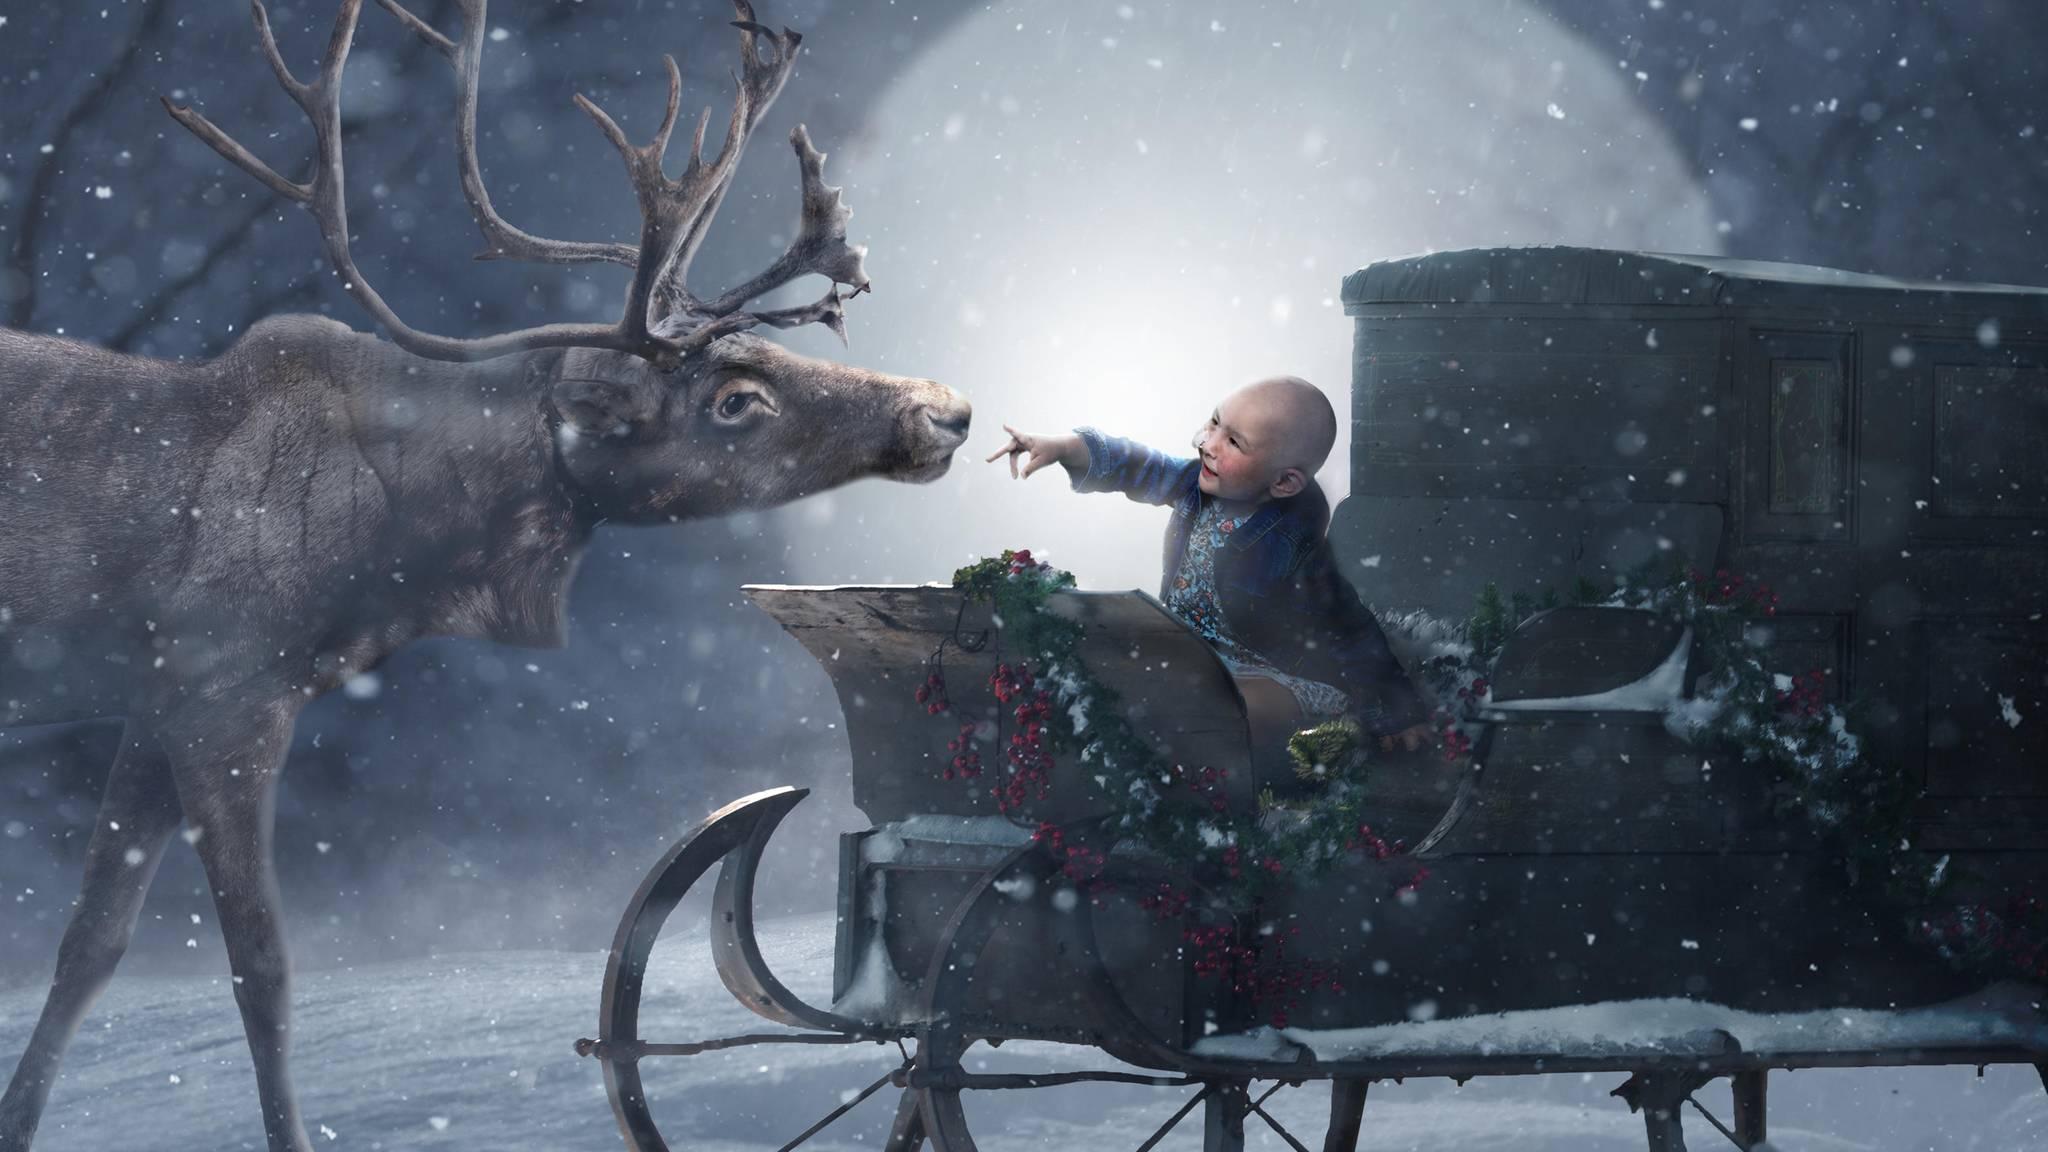 Weihnachtsbilder New York.Weihnachten Im Krankenhaus Magische Fotos Sollen Kindern Trost